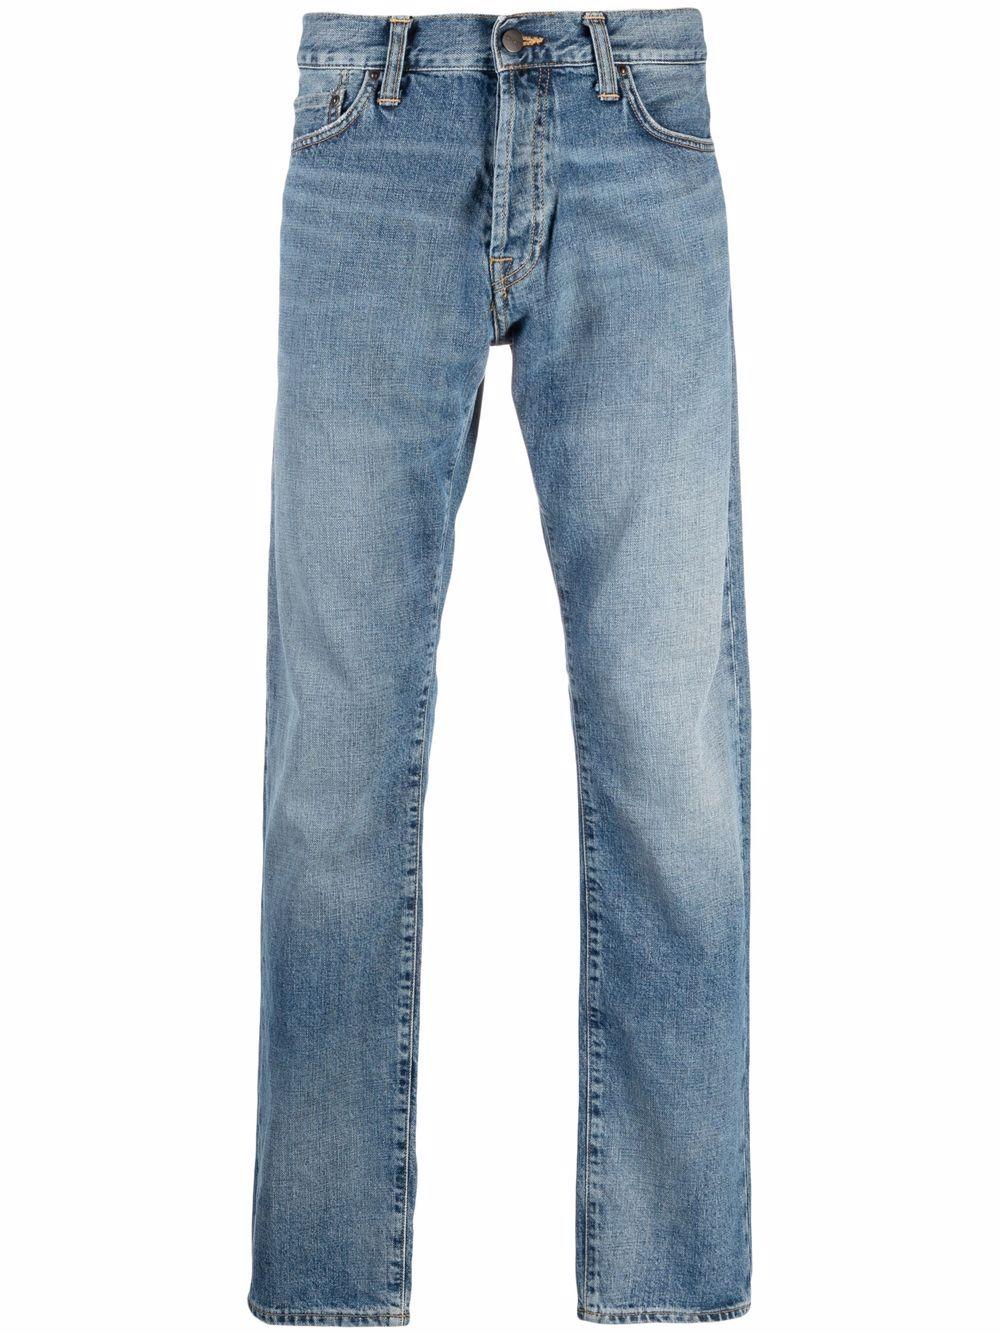 jeans klondike uomo denim CARHARTT WIP | Jeans | I01673501.WH